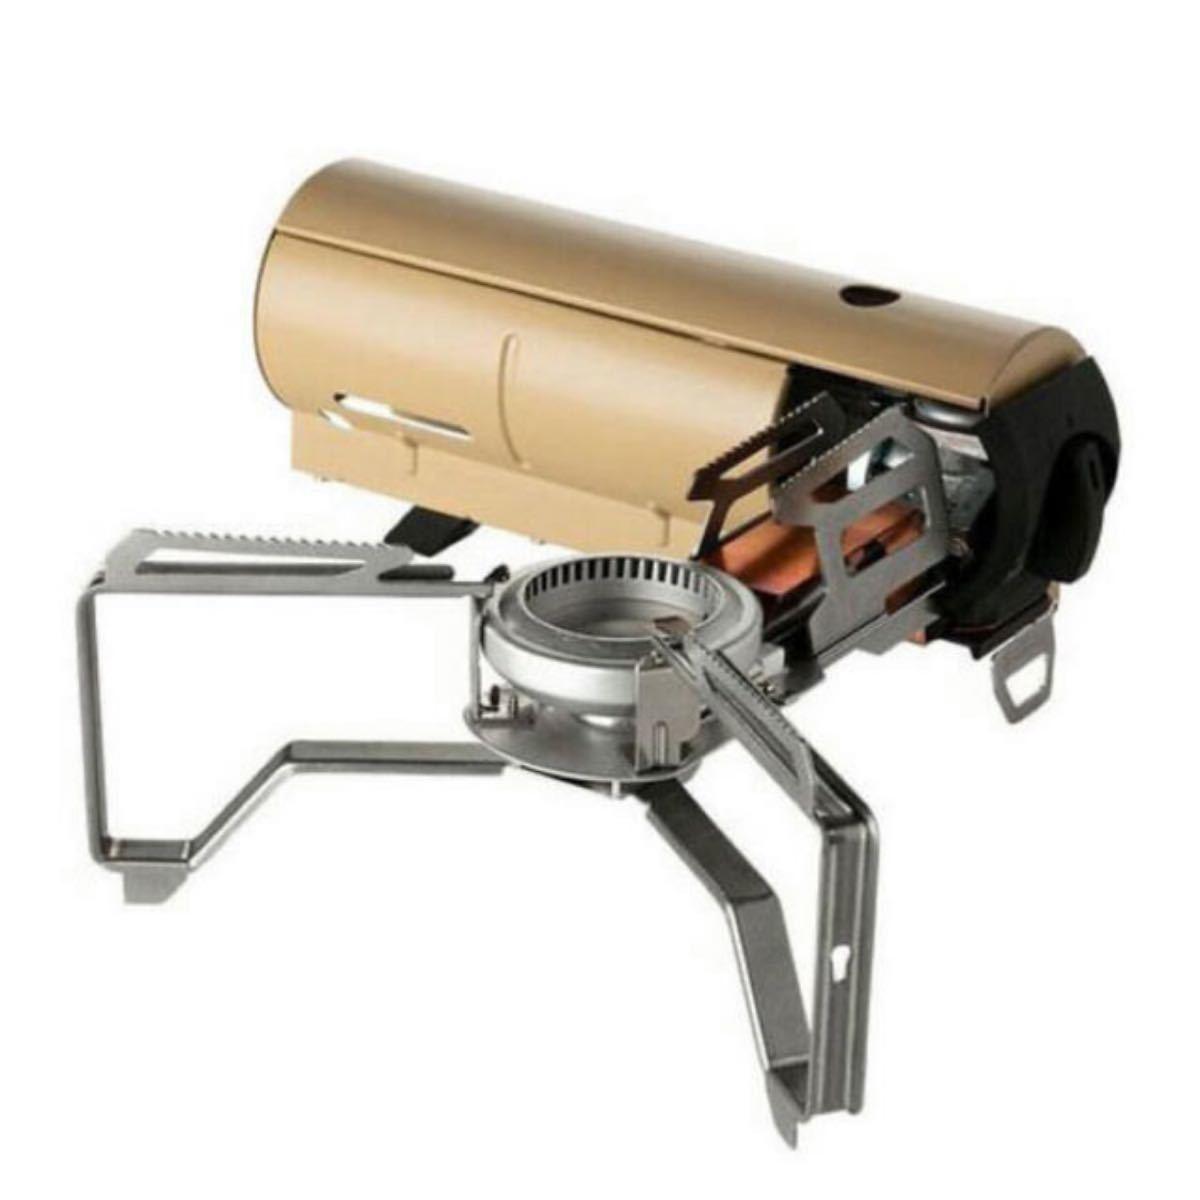 【新品未使用】スノーピーク HOME&CAMPバーナー  GS-600